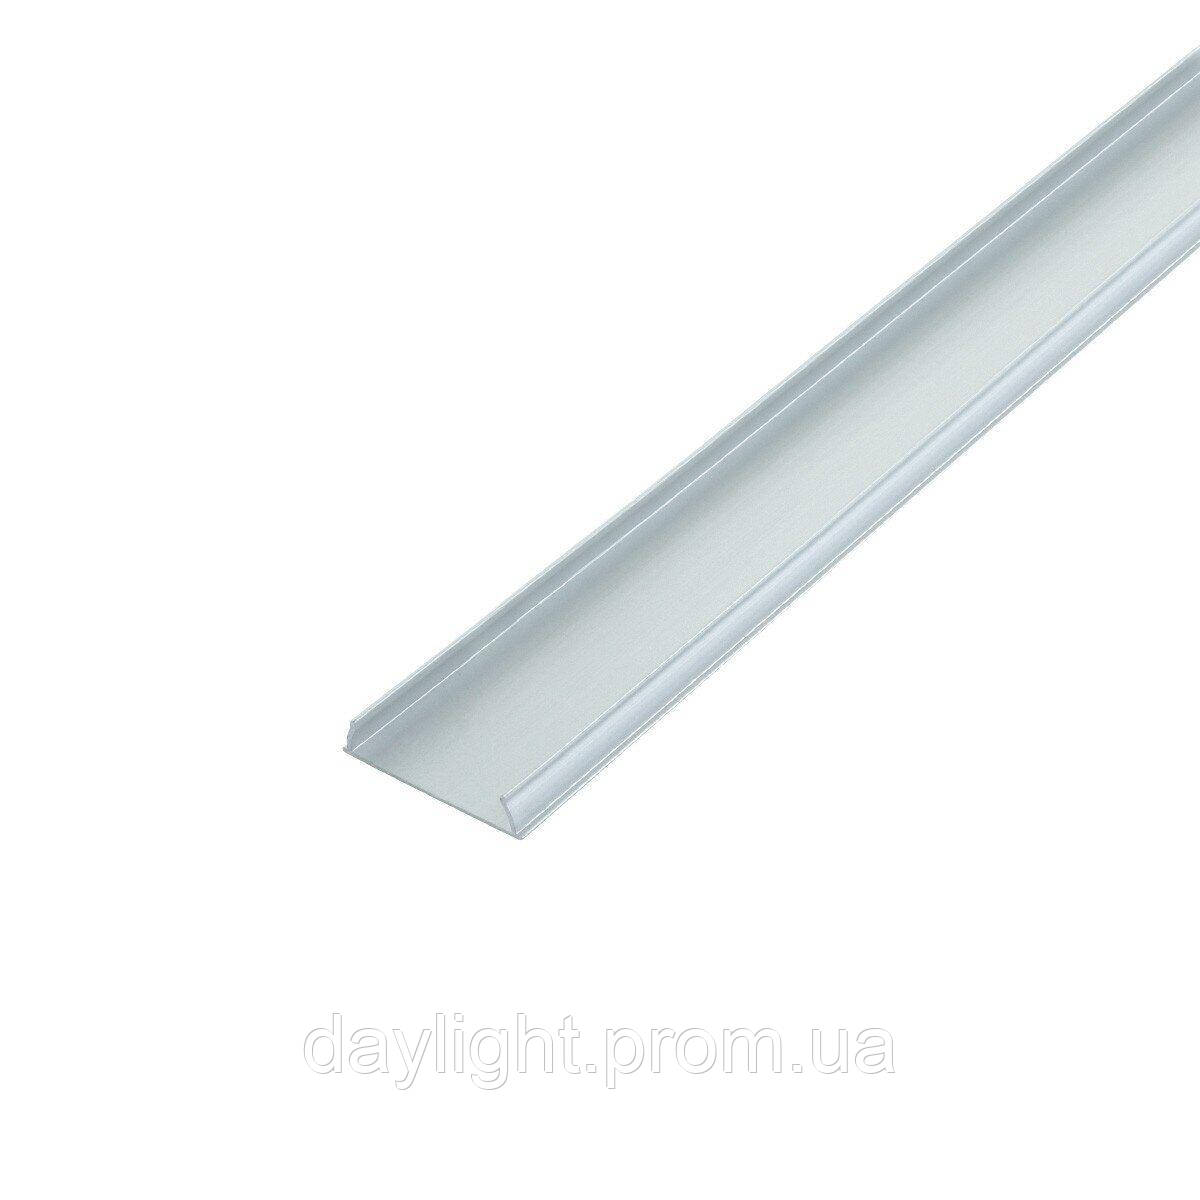 Комплект профиль + рассеиватель гибкий 4,8х18мм палка 2м